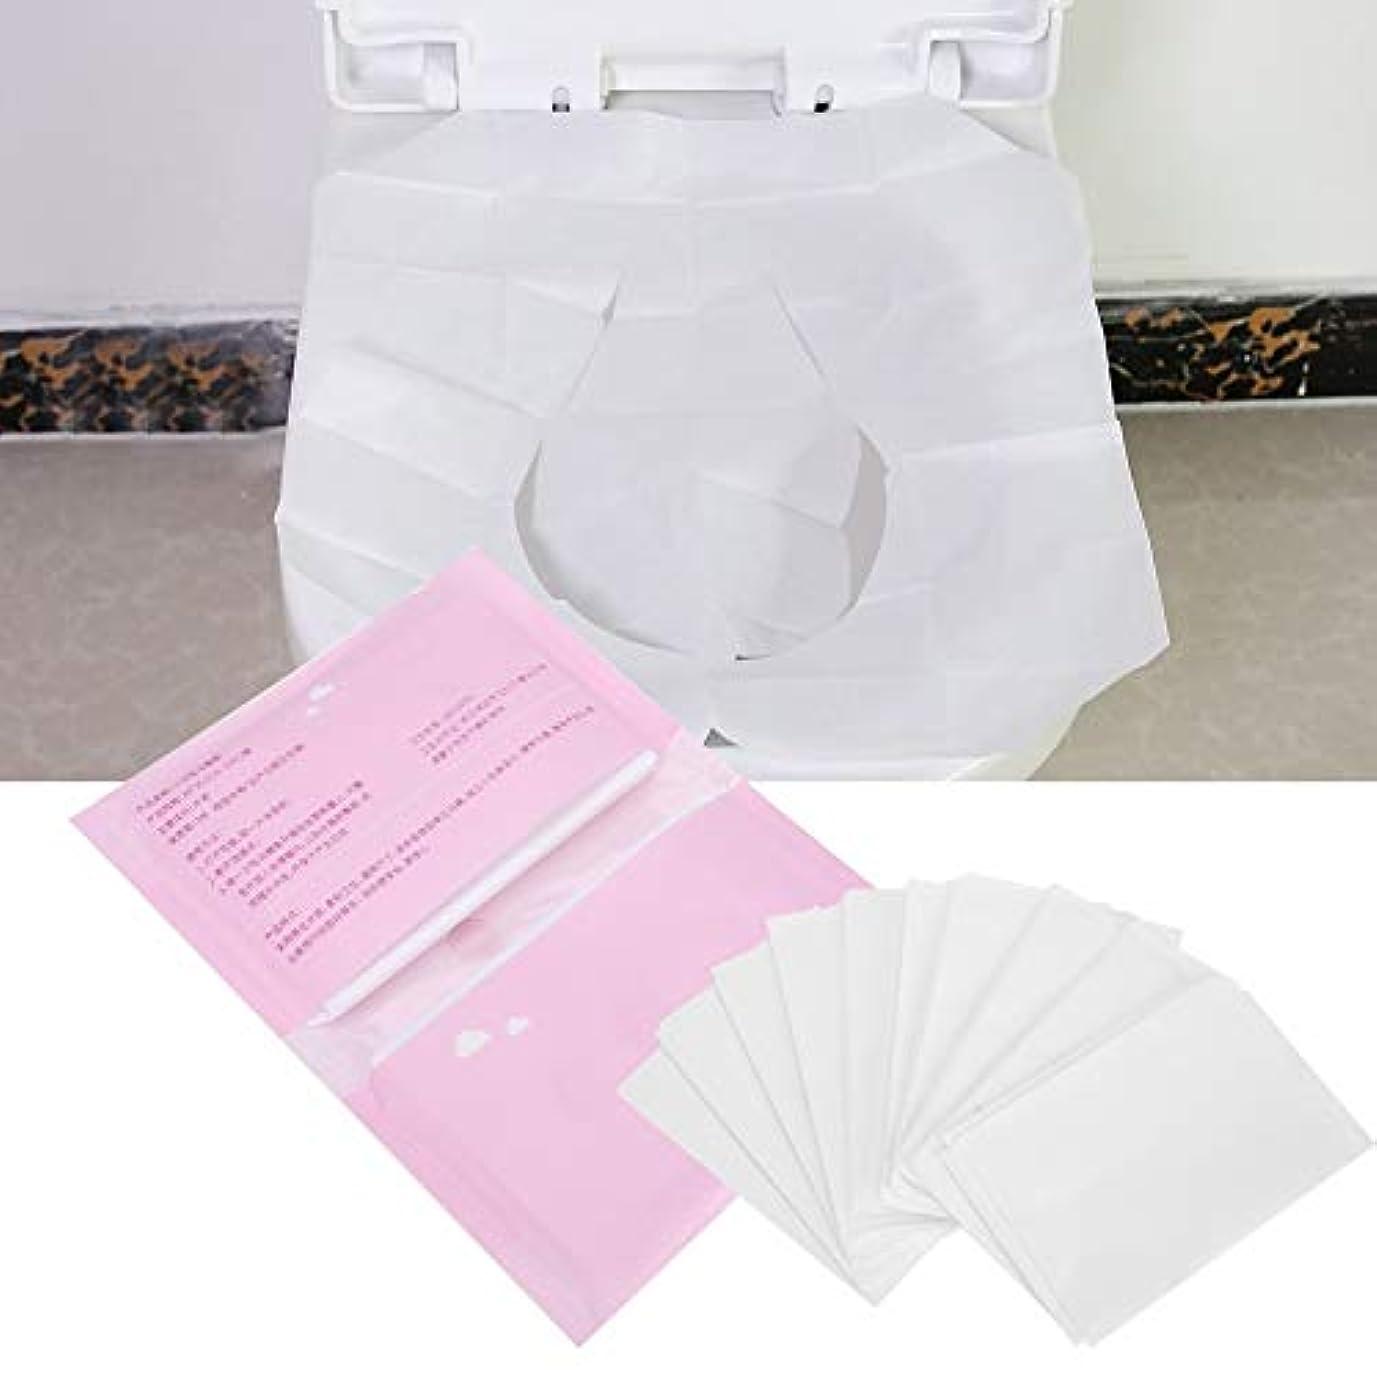 トイレットシートペーパー、旅行のための5つの袋の使い捨て可能な分解可能なトイレットペーパーペーパー、10pices / bag